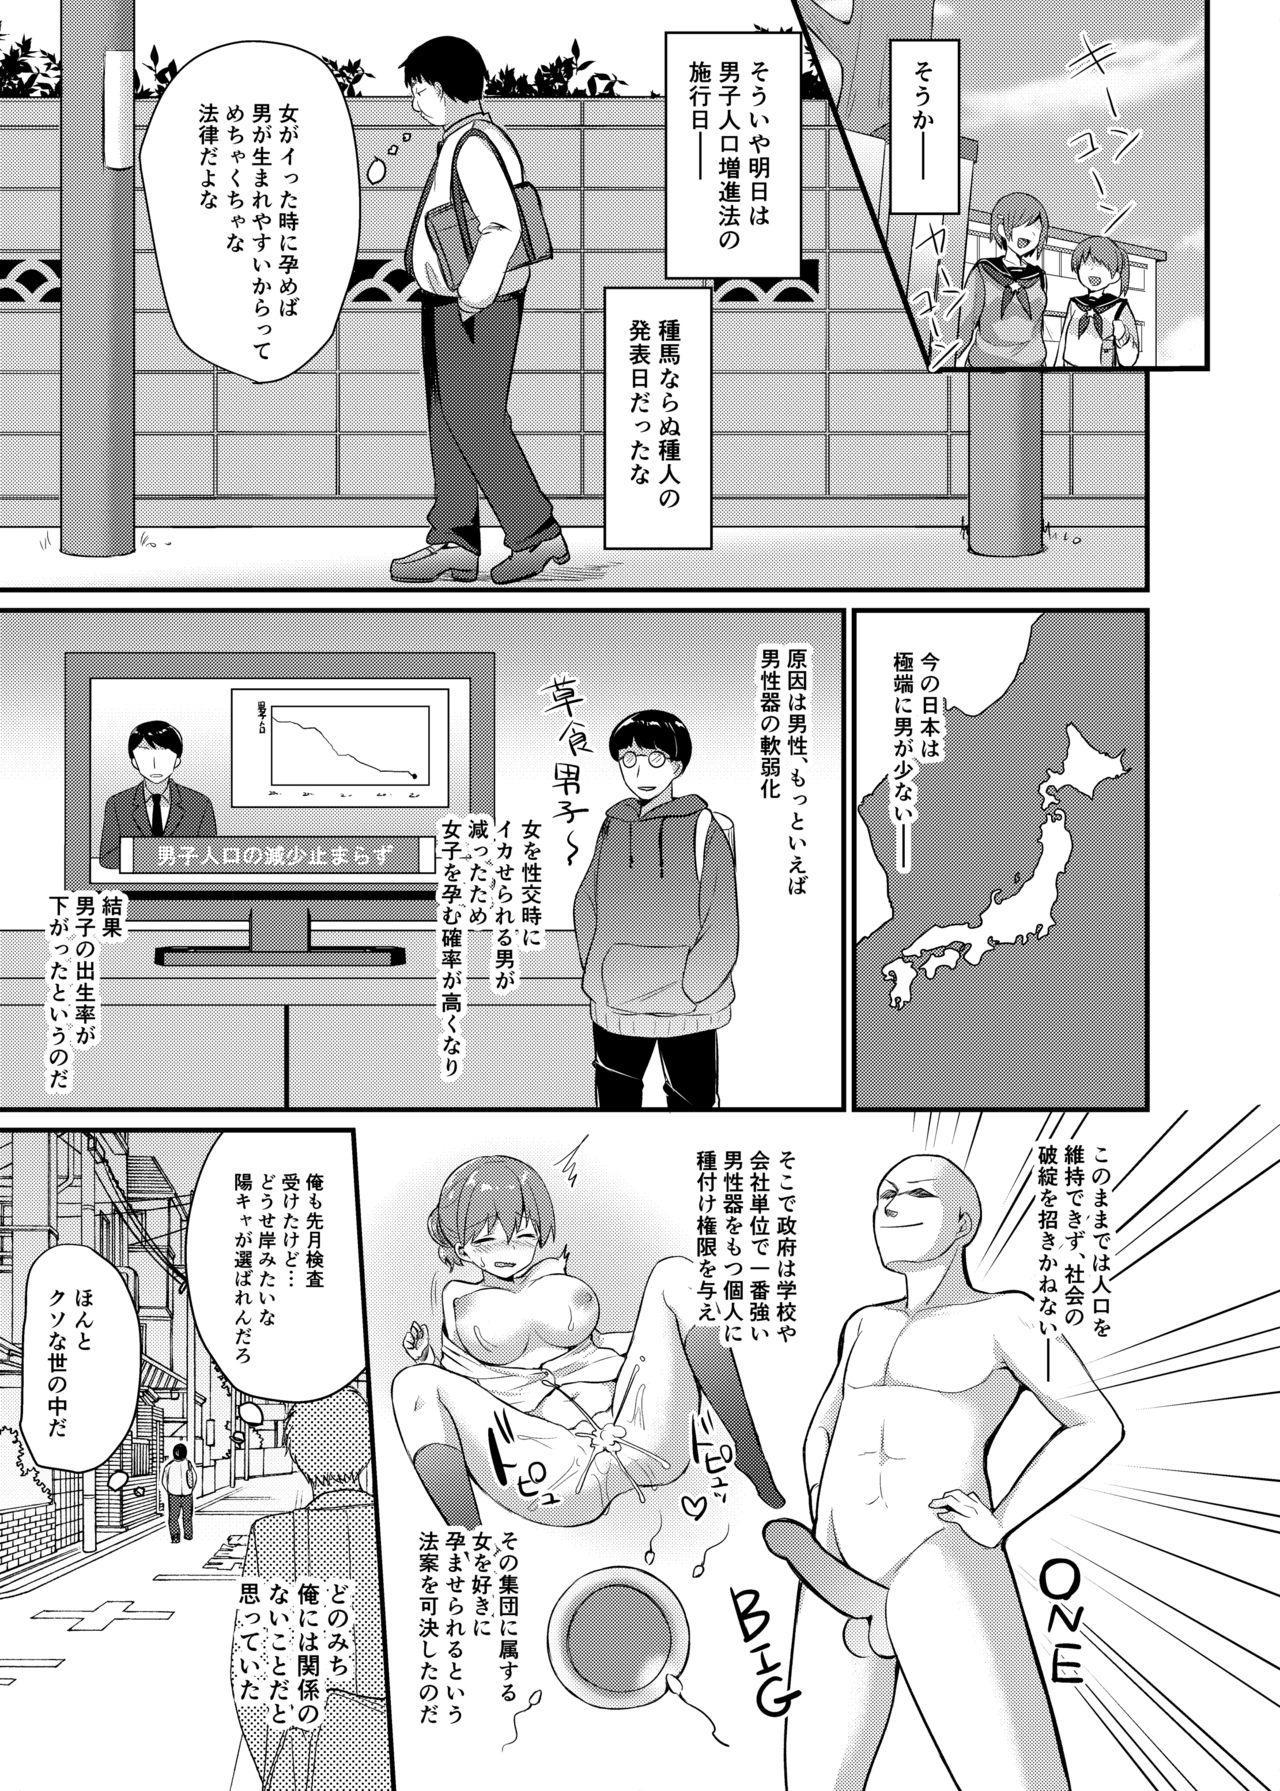 Boku no Tanetsuke Gakkou Seikatsu 6